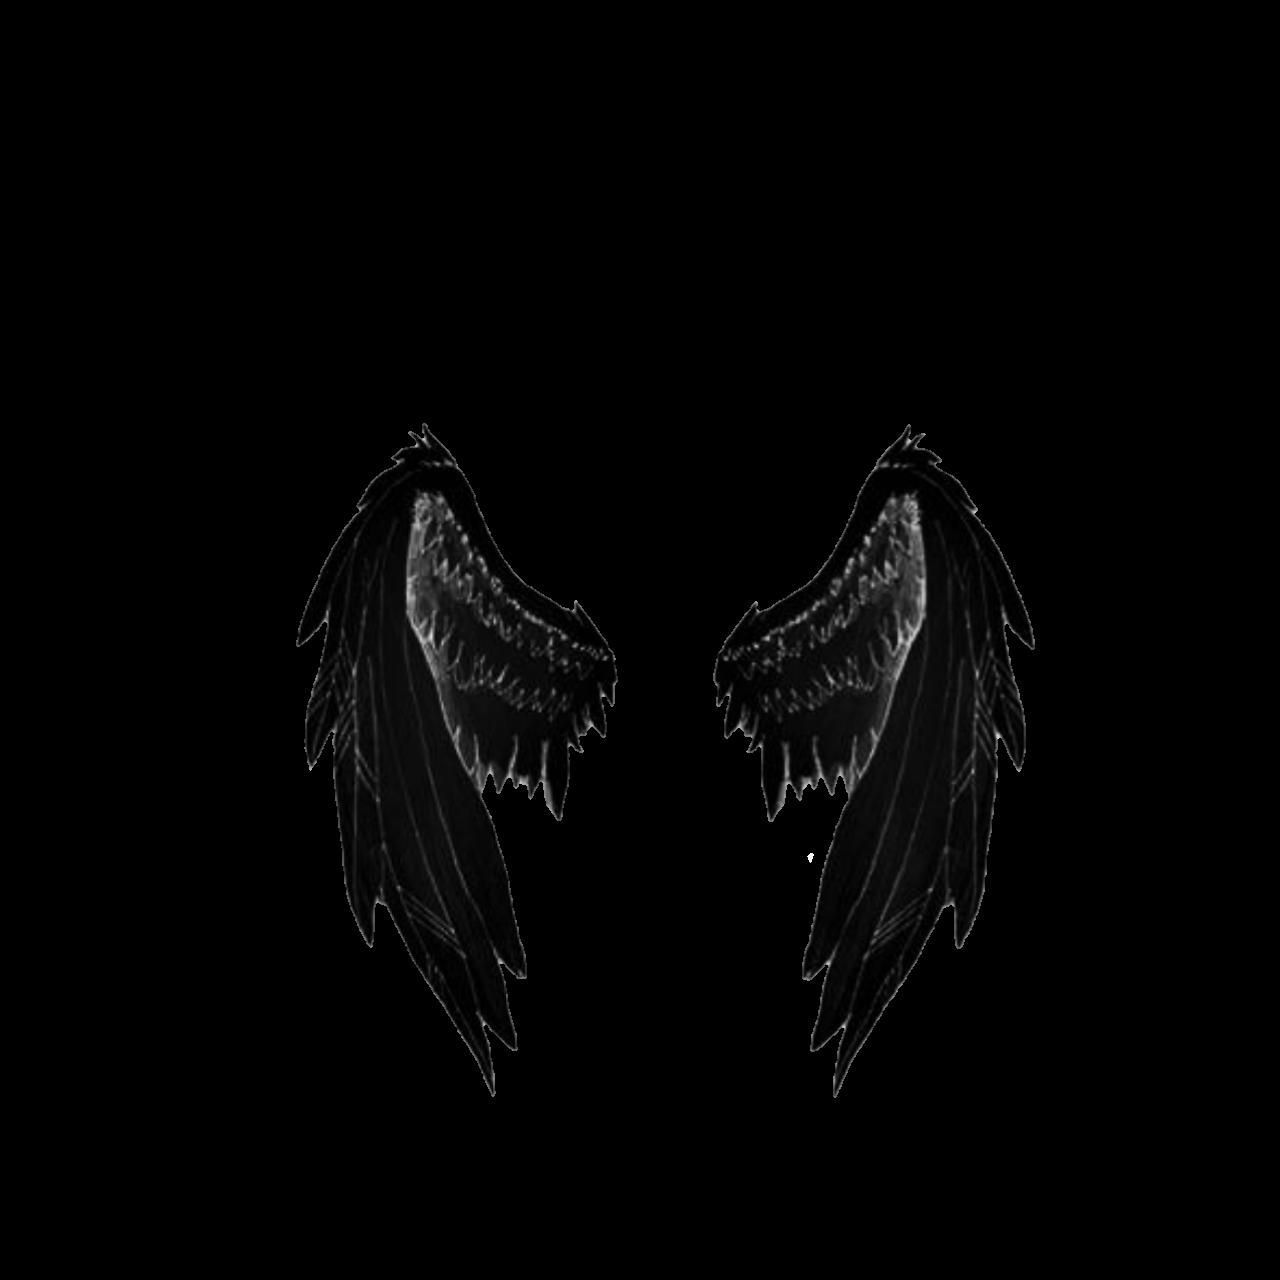 Крылья ангелов гифка